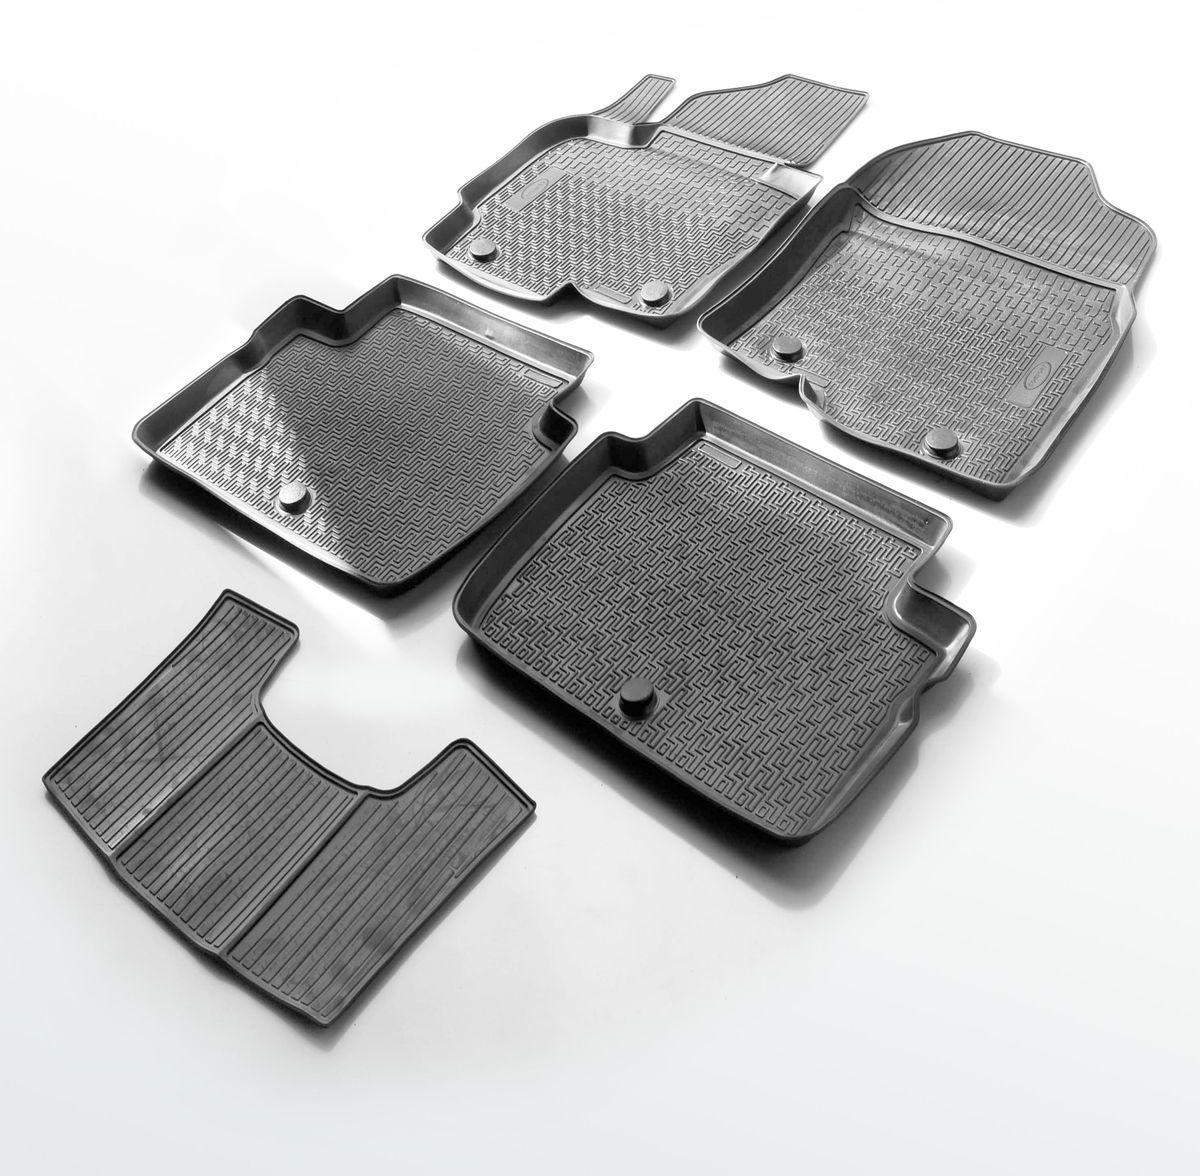 Ковры салона Rival для Kia Sorento Prime 2015-, 4 шт + перемычка0012804002Автомобильные ковры салона Rival Прочные и долговечные ковры в салон автомобиля, изготовлены из высококачественного и экологичного сырья, полностью повторяют геометрию салона вашего автомобиля. - Надежная система крепления, позволяющая закрепить коврик на штатные элементы фиксации, в результате чего отсутствует эффект скольжения по салону автомобиля. - Высокая стойкость поверхности к стиранию. - Специализированный рисунок и высокий борт, препятствующие распространению грязи и жидкости по поверхности ковра. - Перемычка задних ковров в комплекте предотвращает загрязнение тоннеля карданного вала. - Произведены из первичных материалов, в результате чего отсутствует неприятный запах в салоне автомобиля. - Высокая эластичность, можно беспрепятственно эксплуатировать при температуре от -45 ?C до +45 ?C.